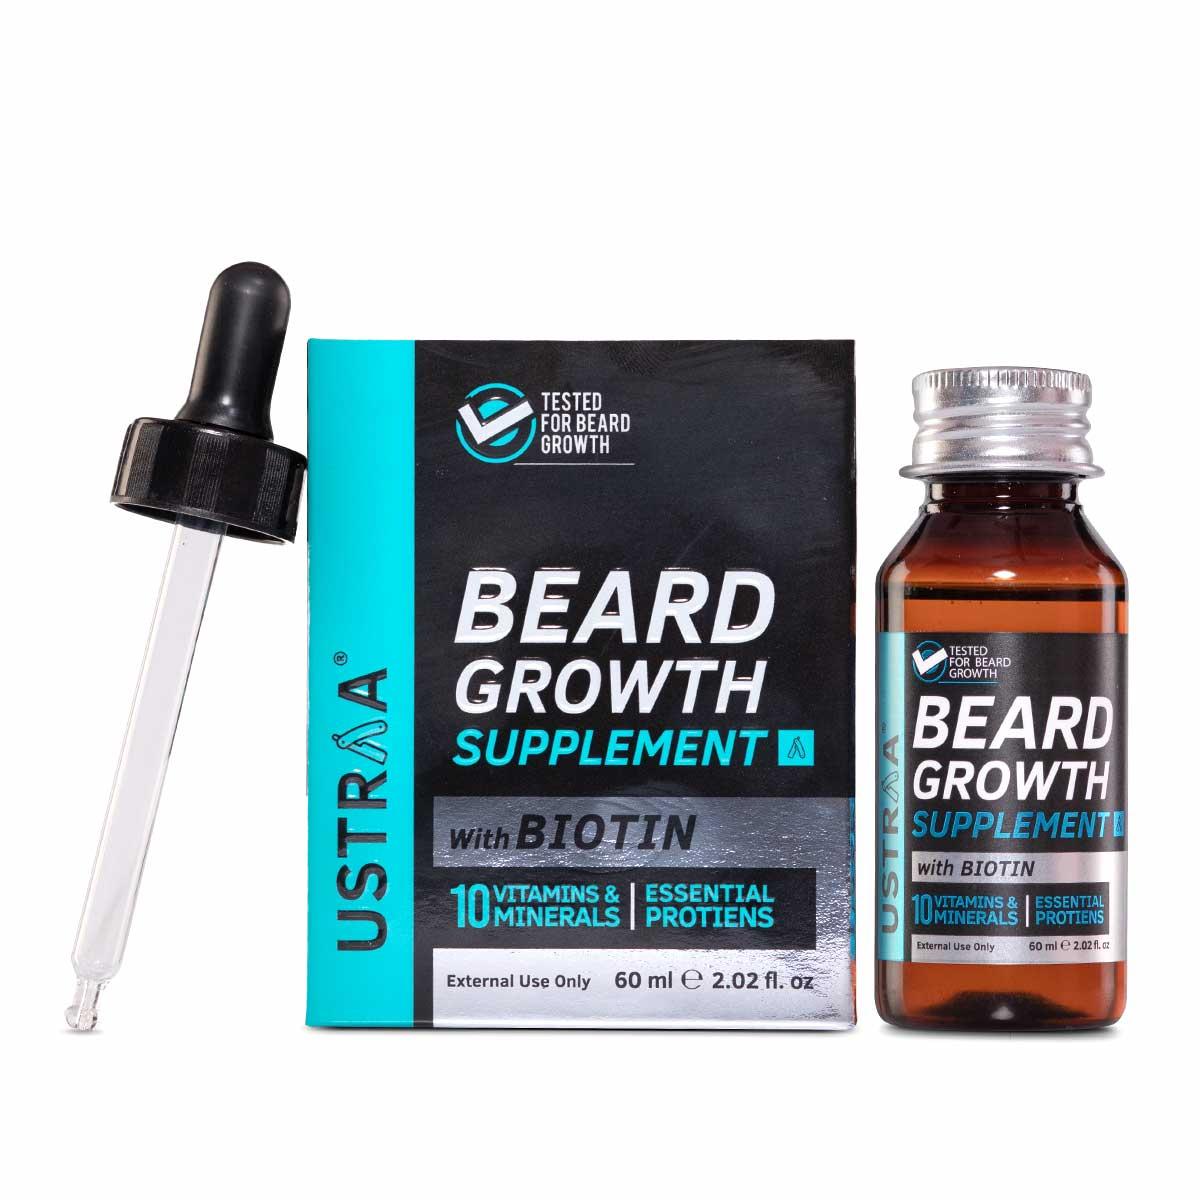 Beard Growth Supplement - 60 ml